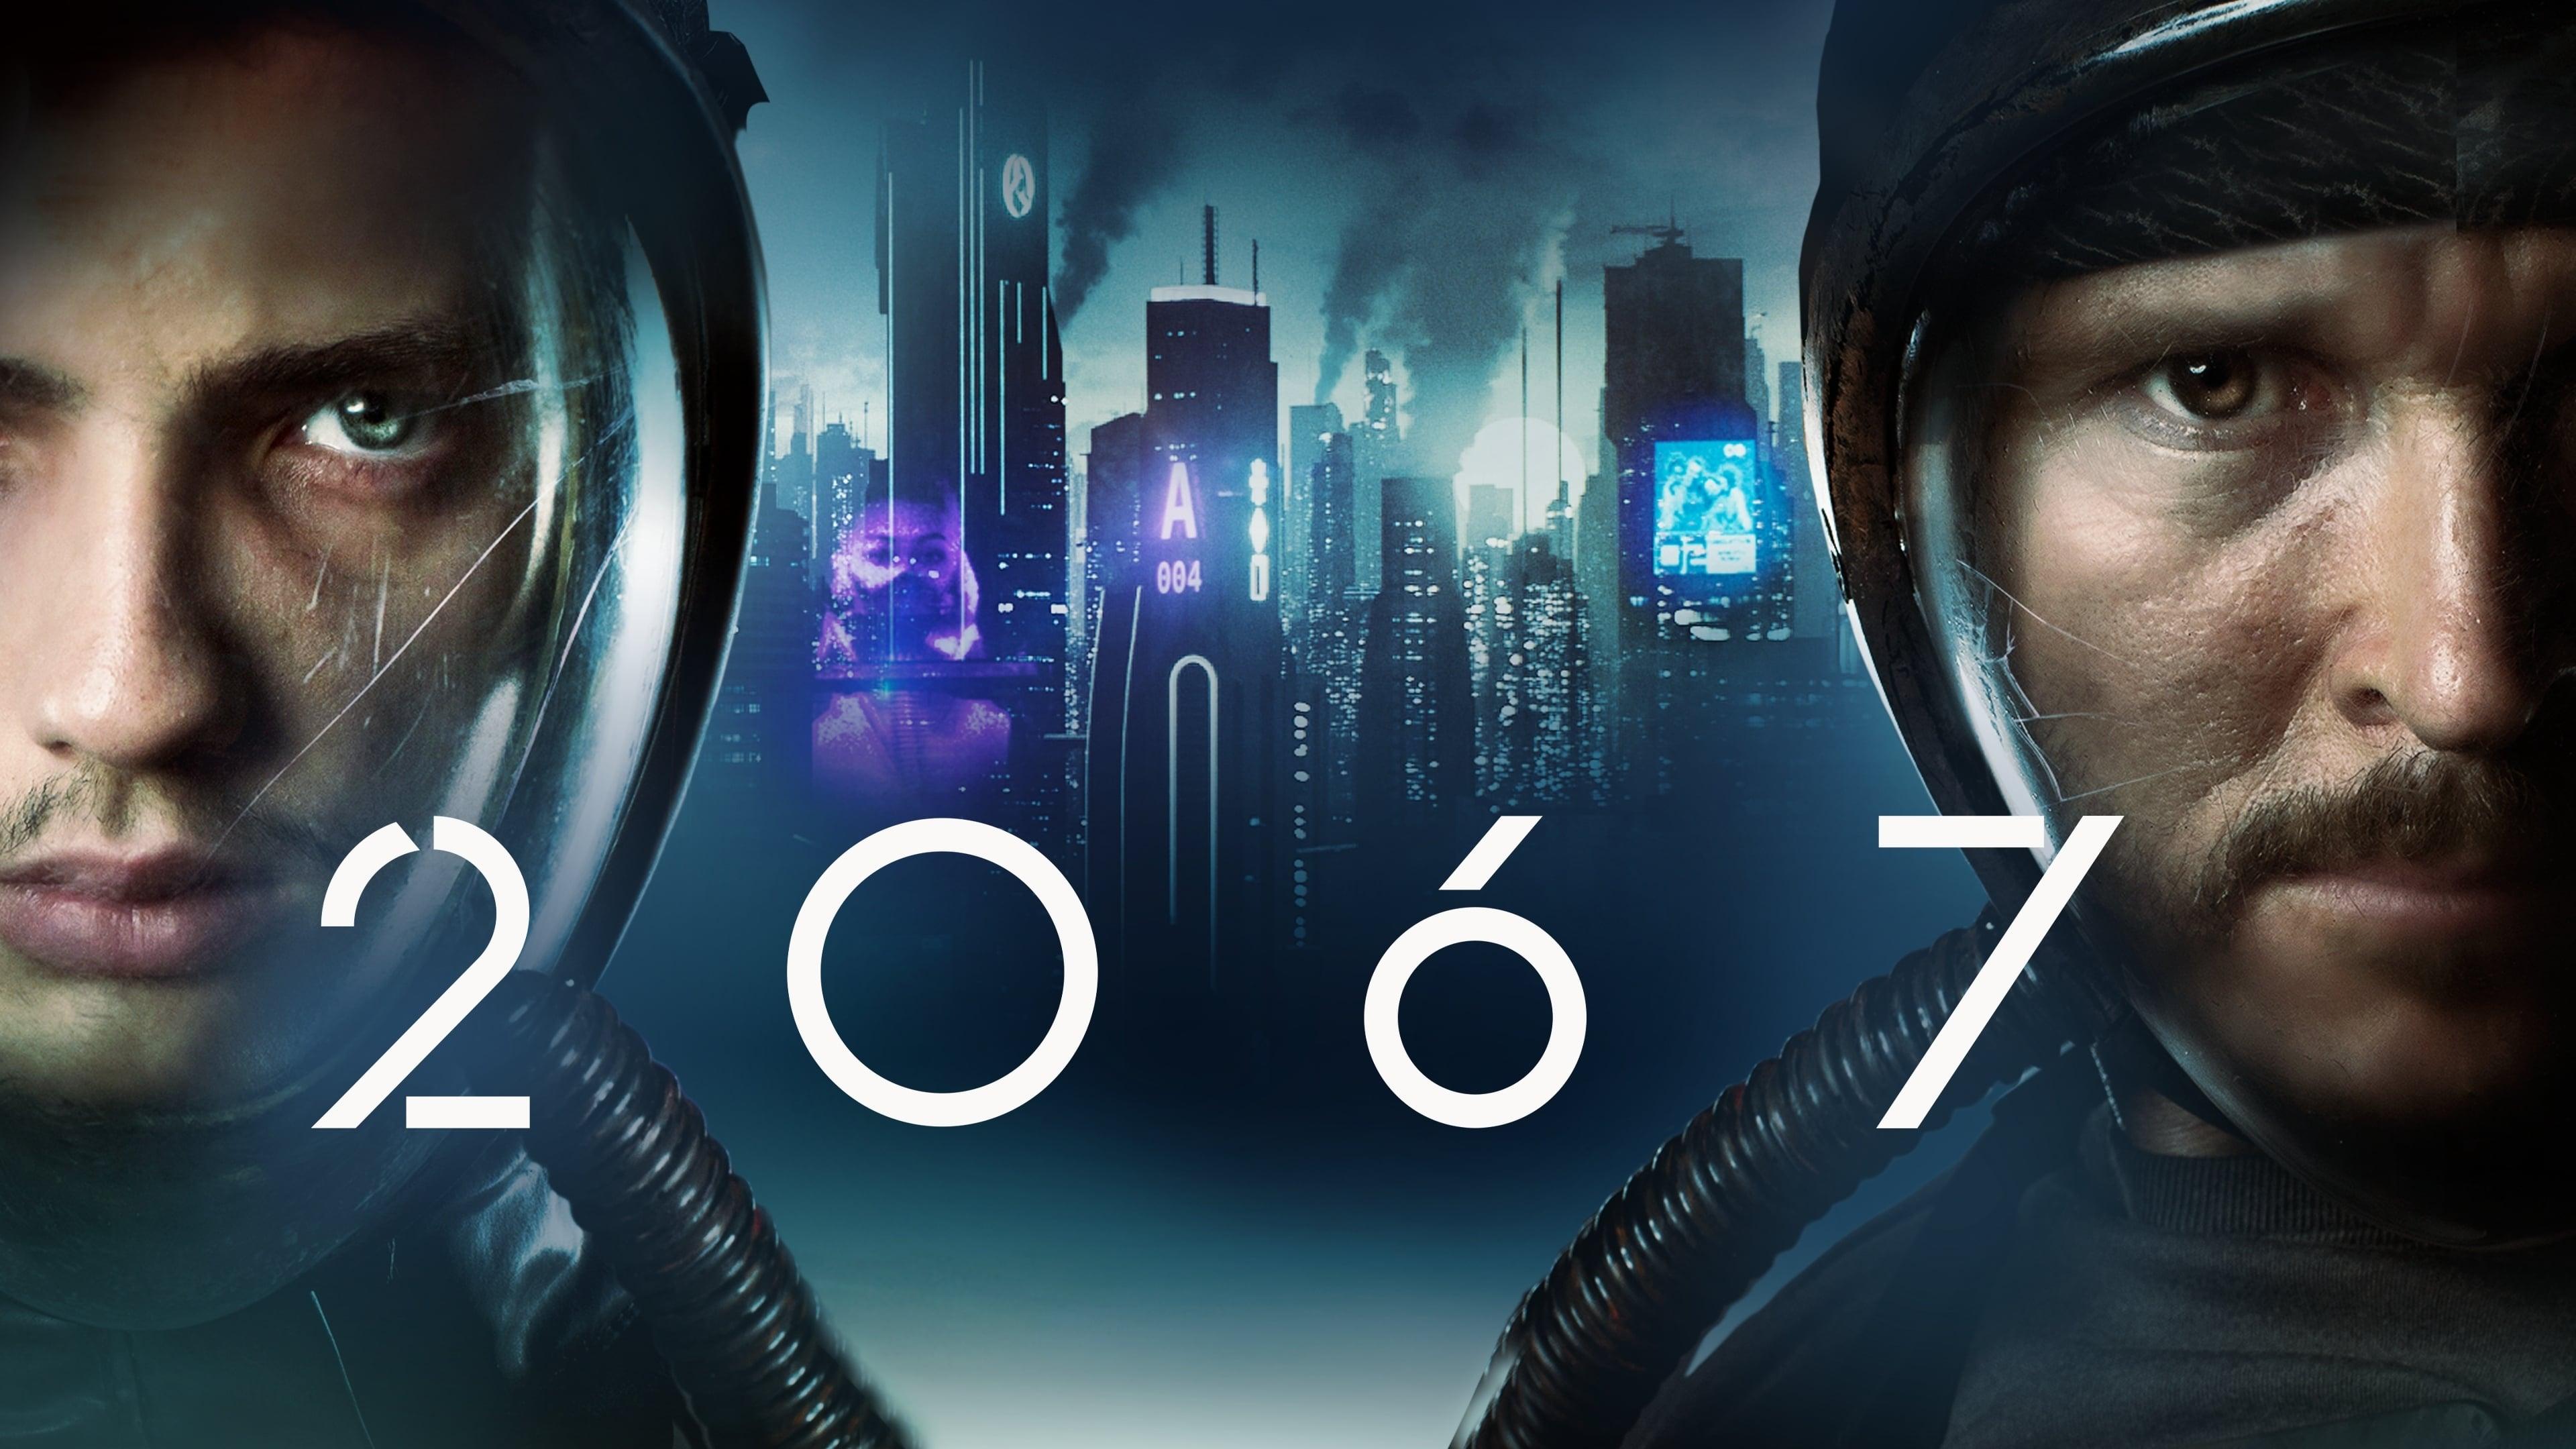 Năm 2067 (2020)